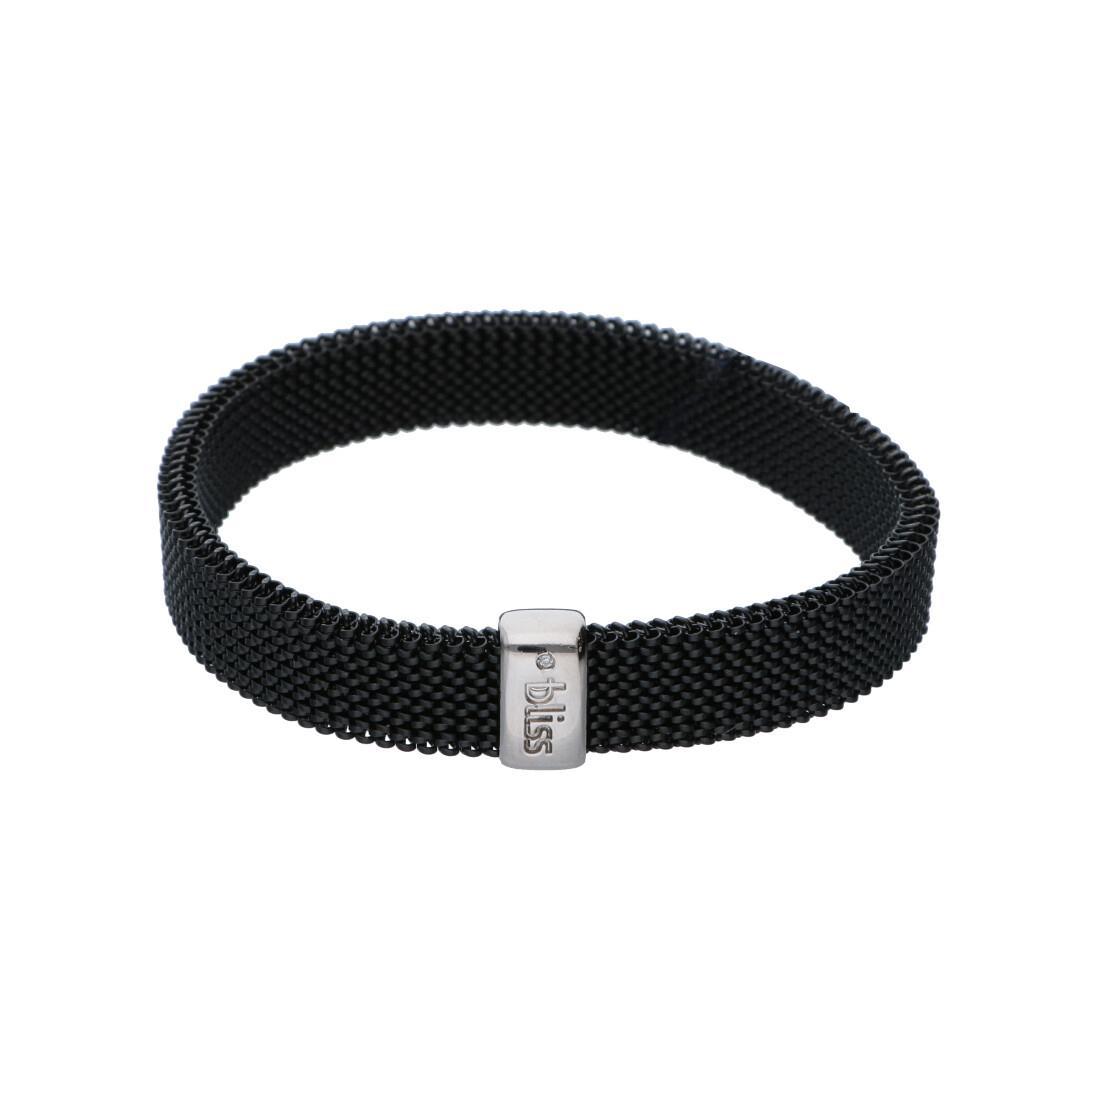 Bracciale elastico in acciaio nero con targa argento - BLISS